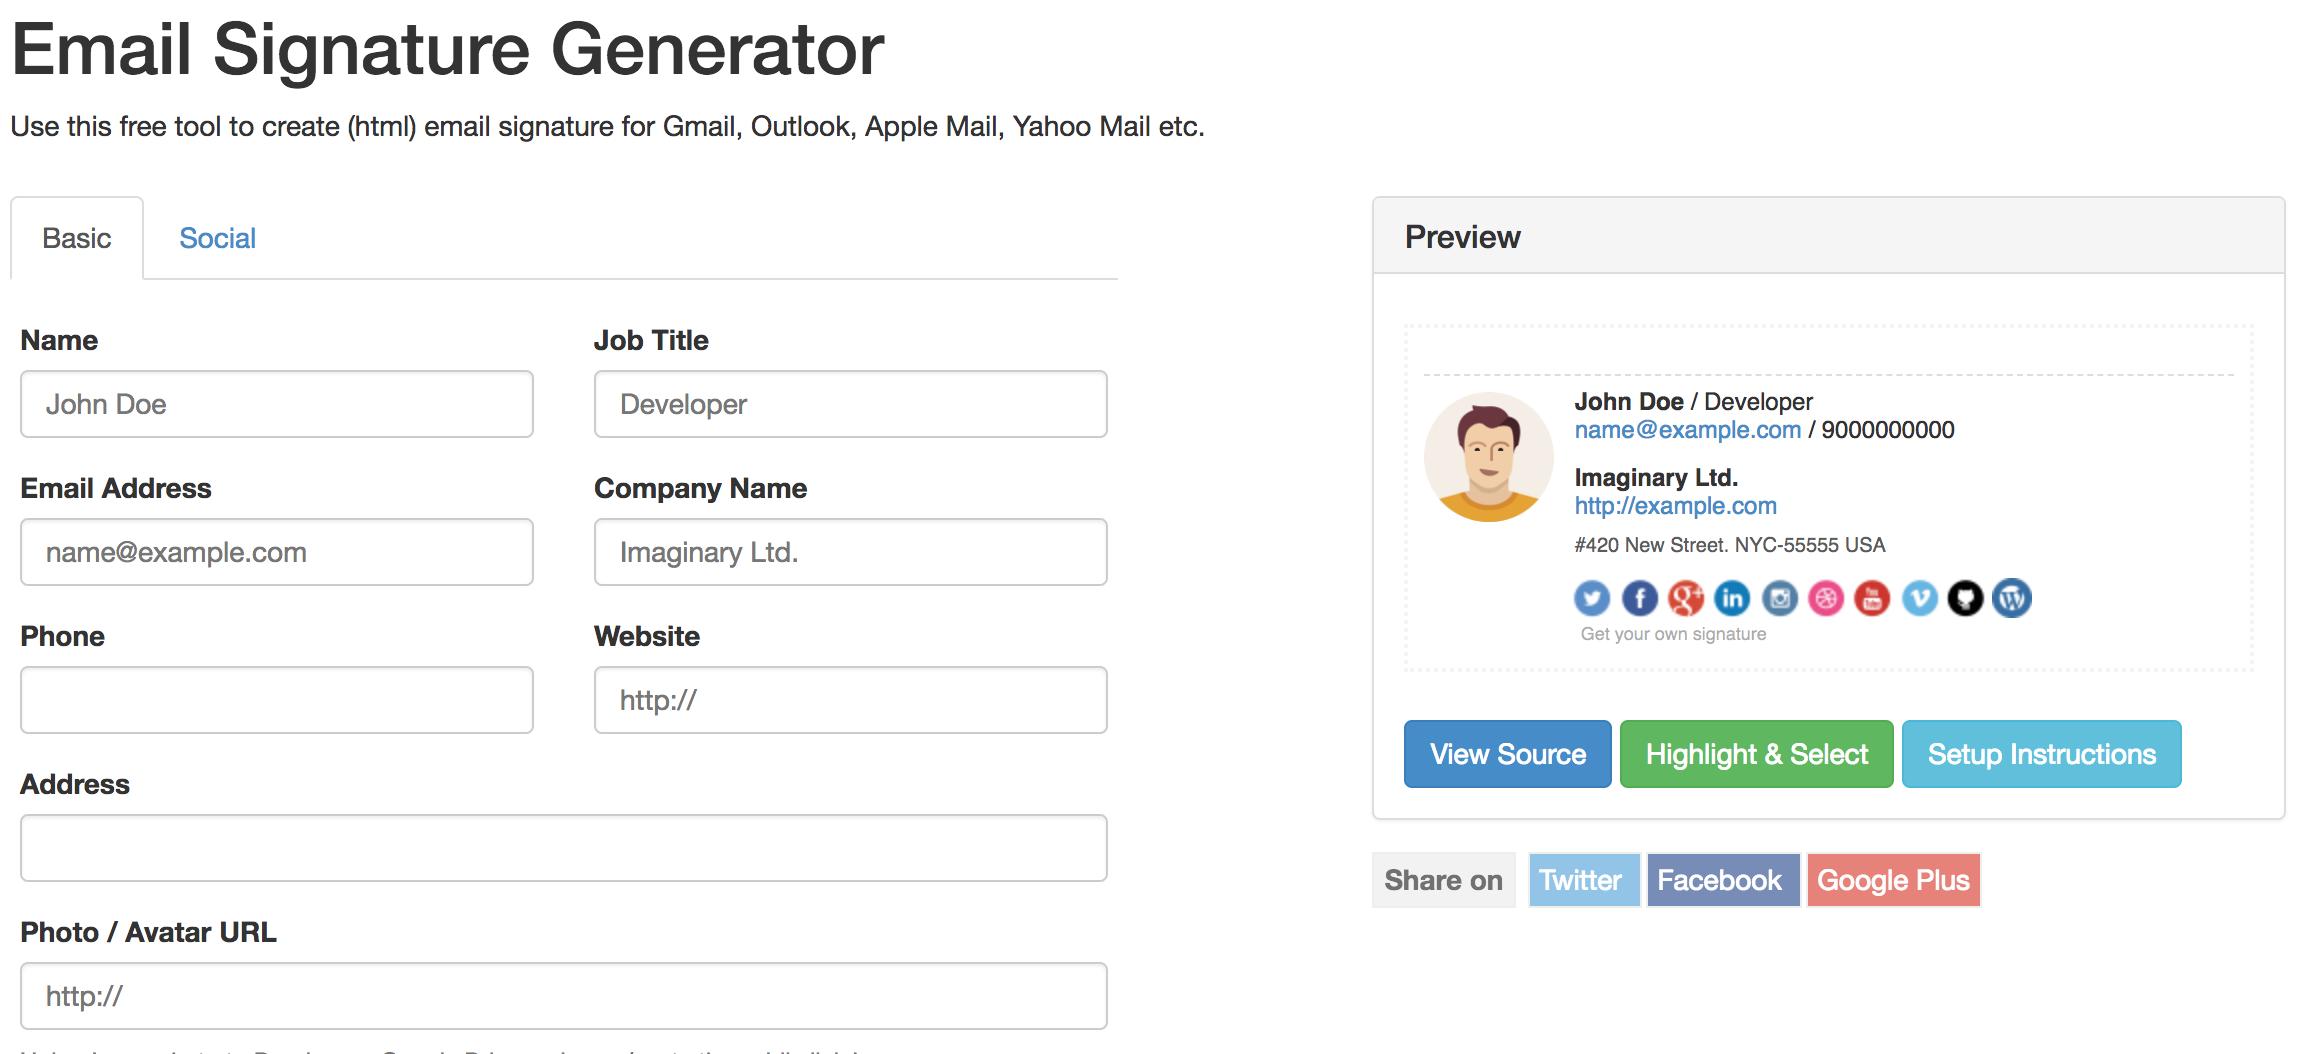 Signature Maker est un générateur de signature mail gratuit